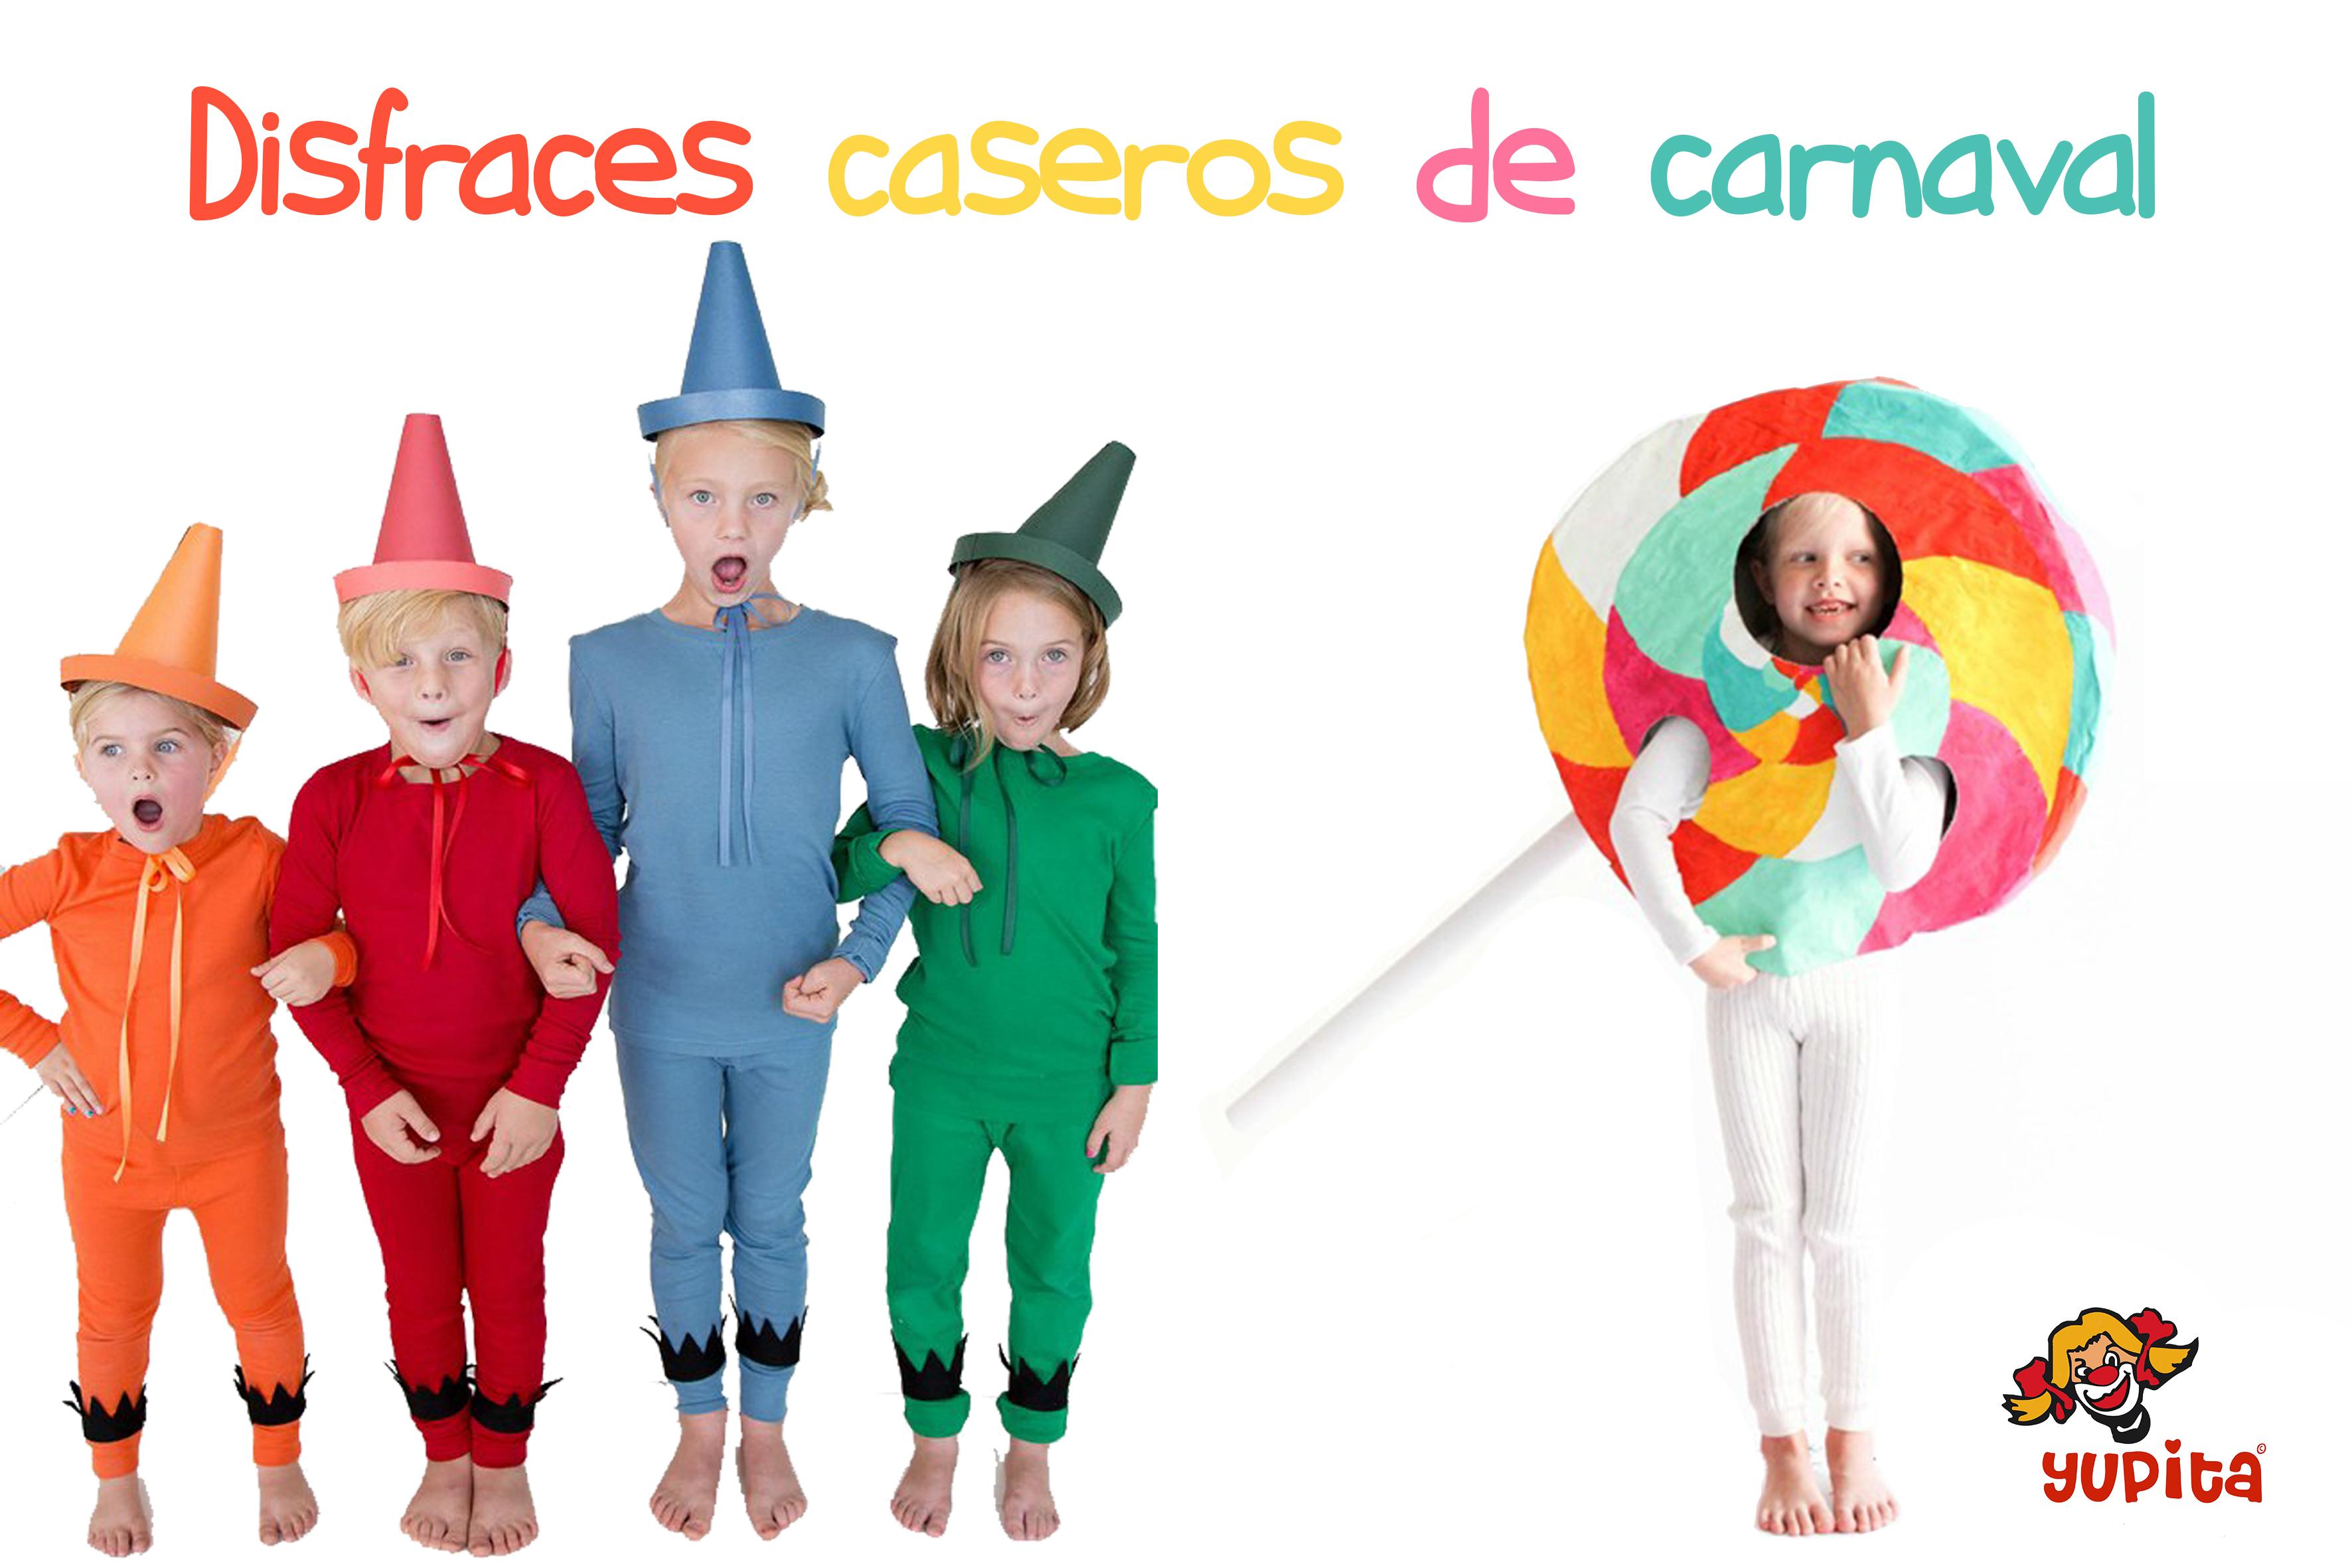 Disfraces caseros para carnavales